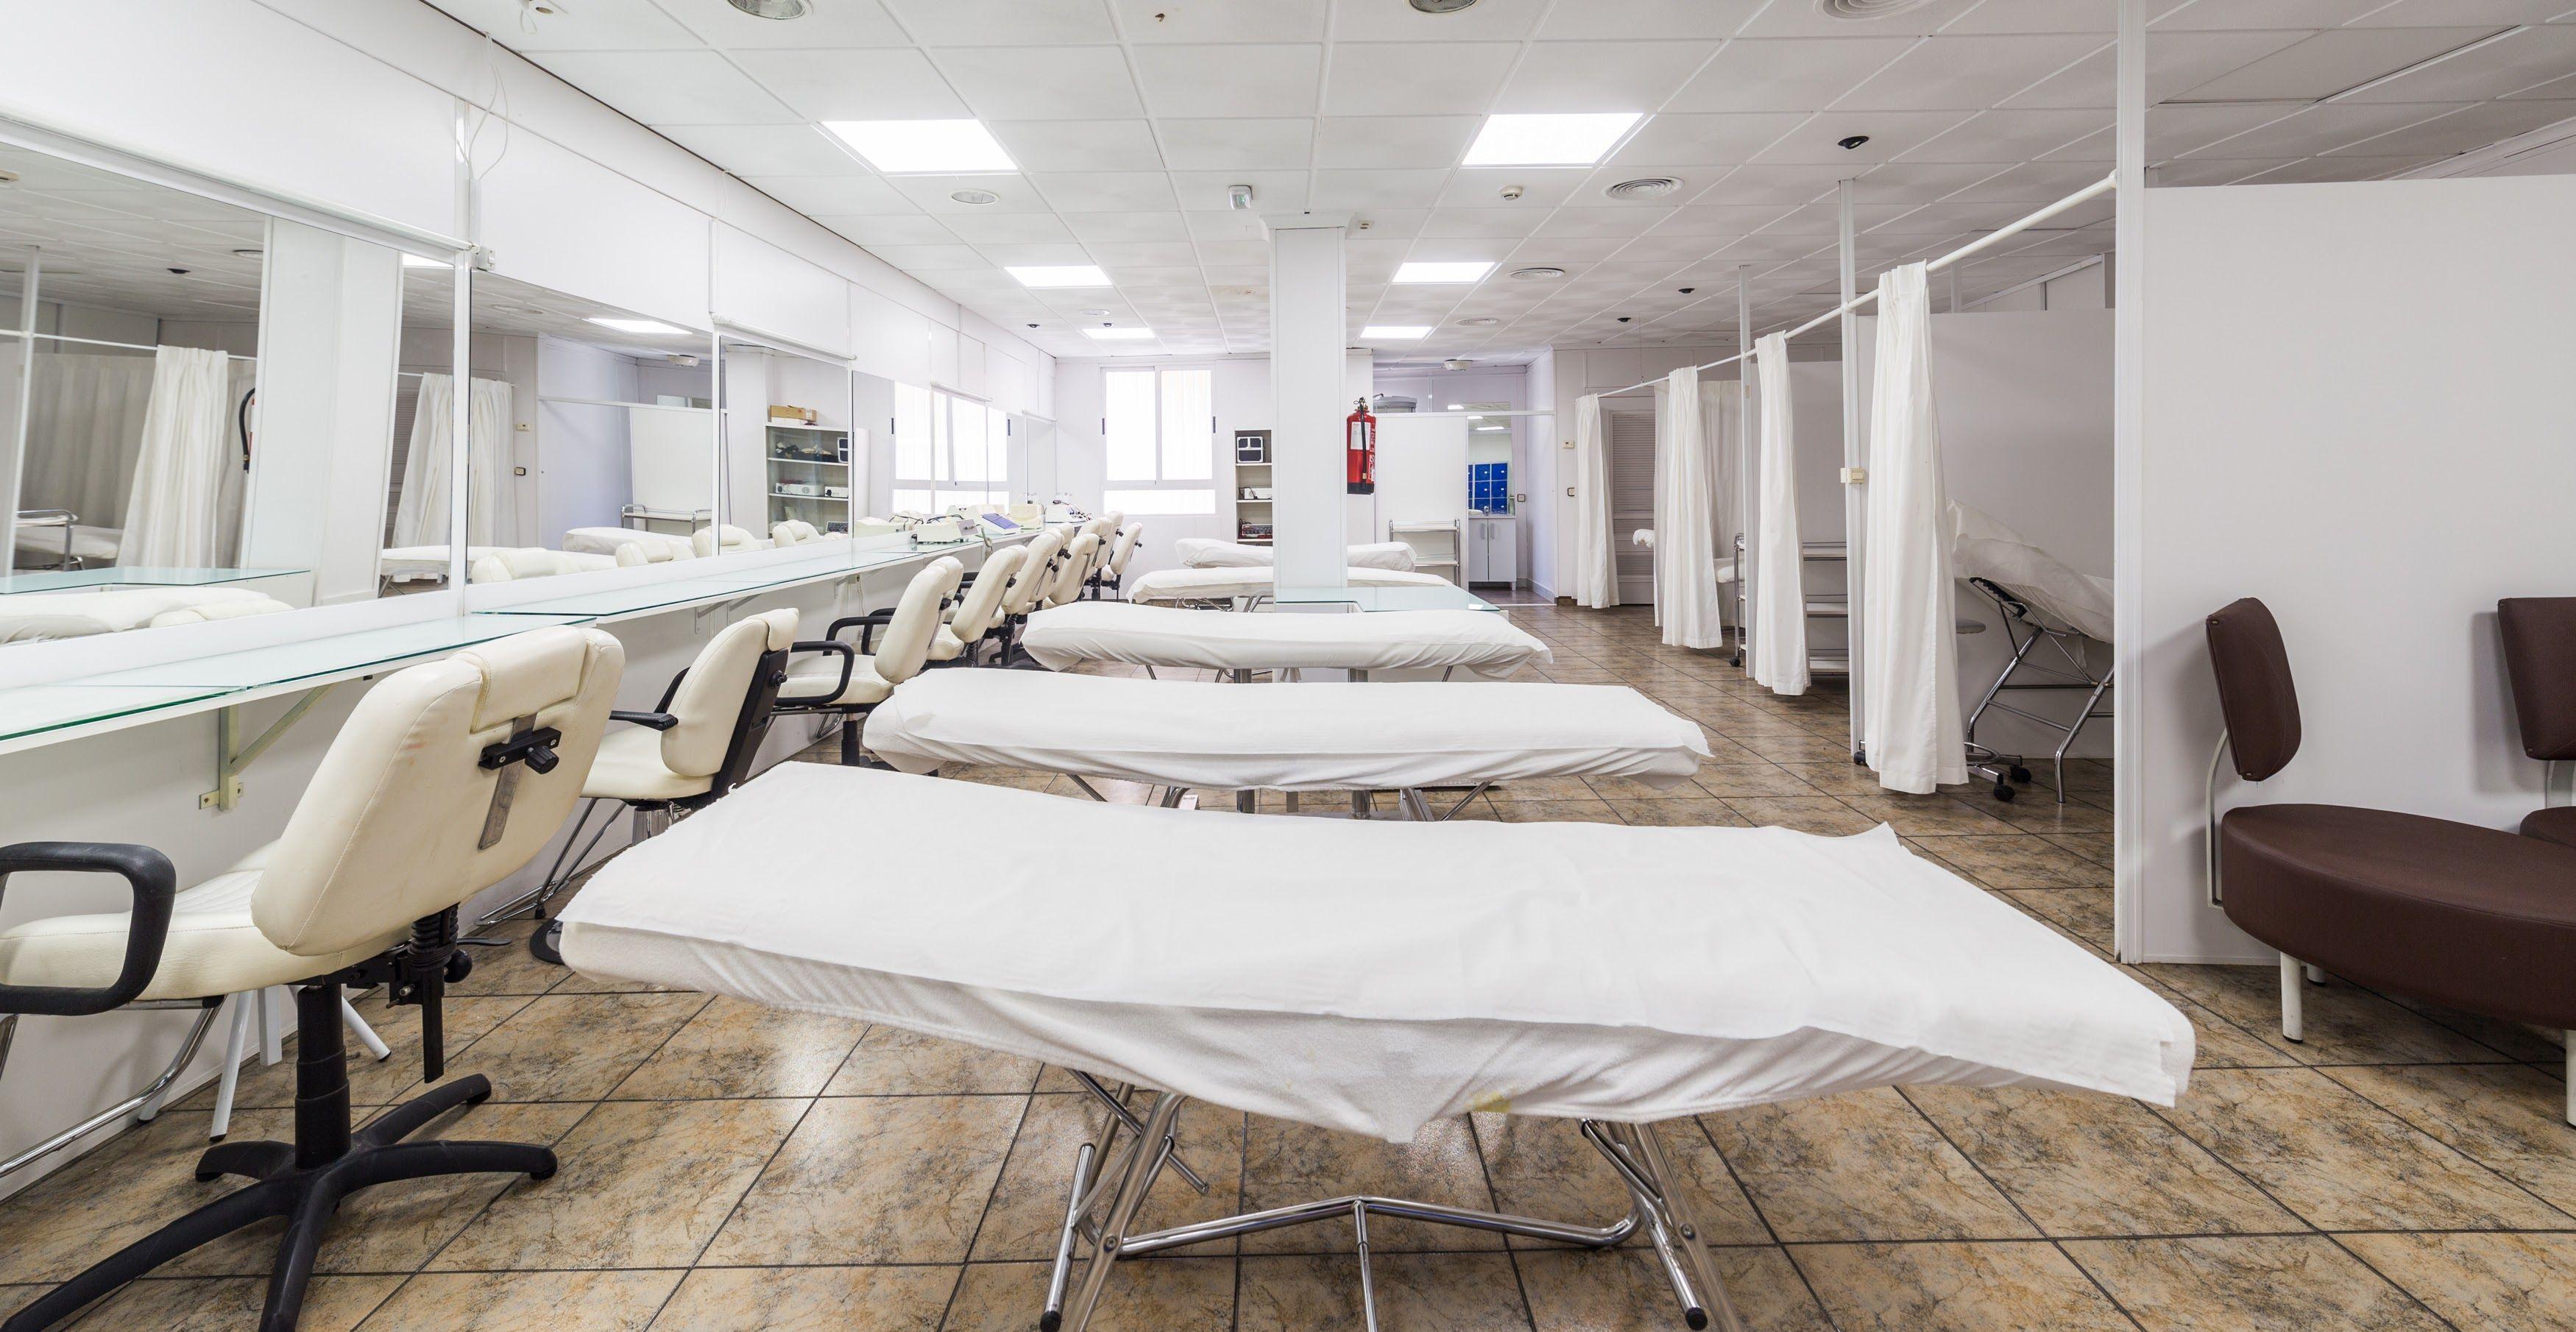 Foto 10 de Academia de peluquería y estética en Albacete | Centro de formación Virgen de los Llanos- Moliné